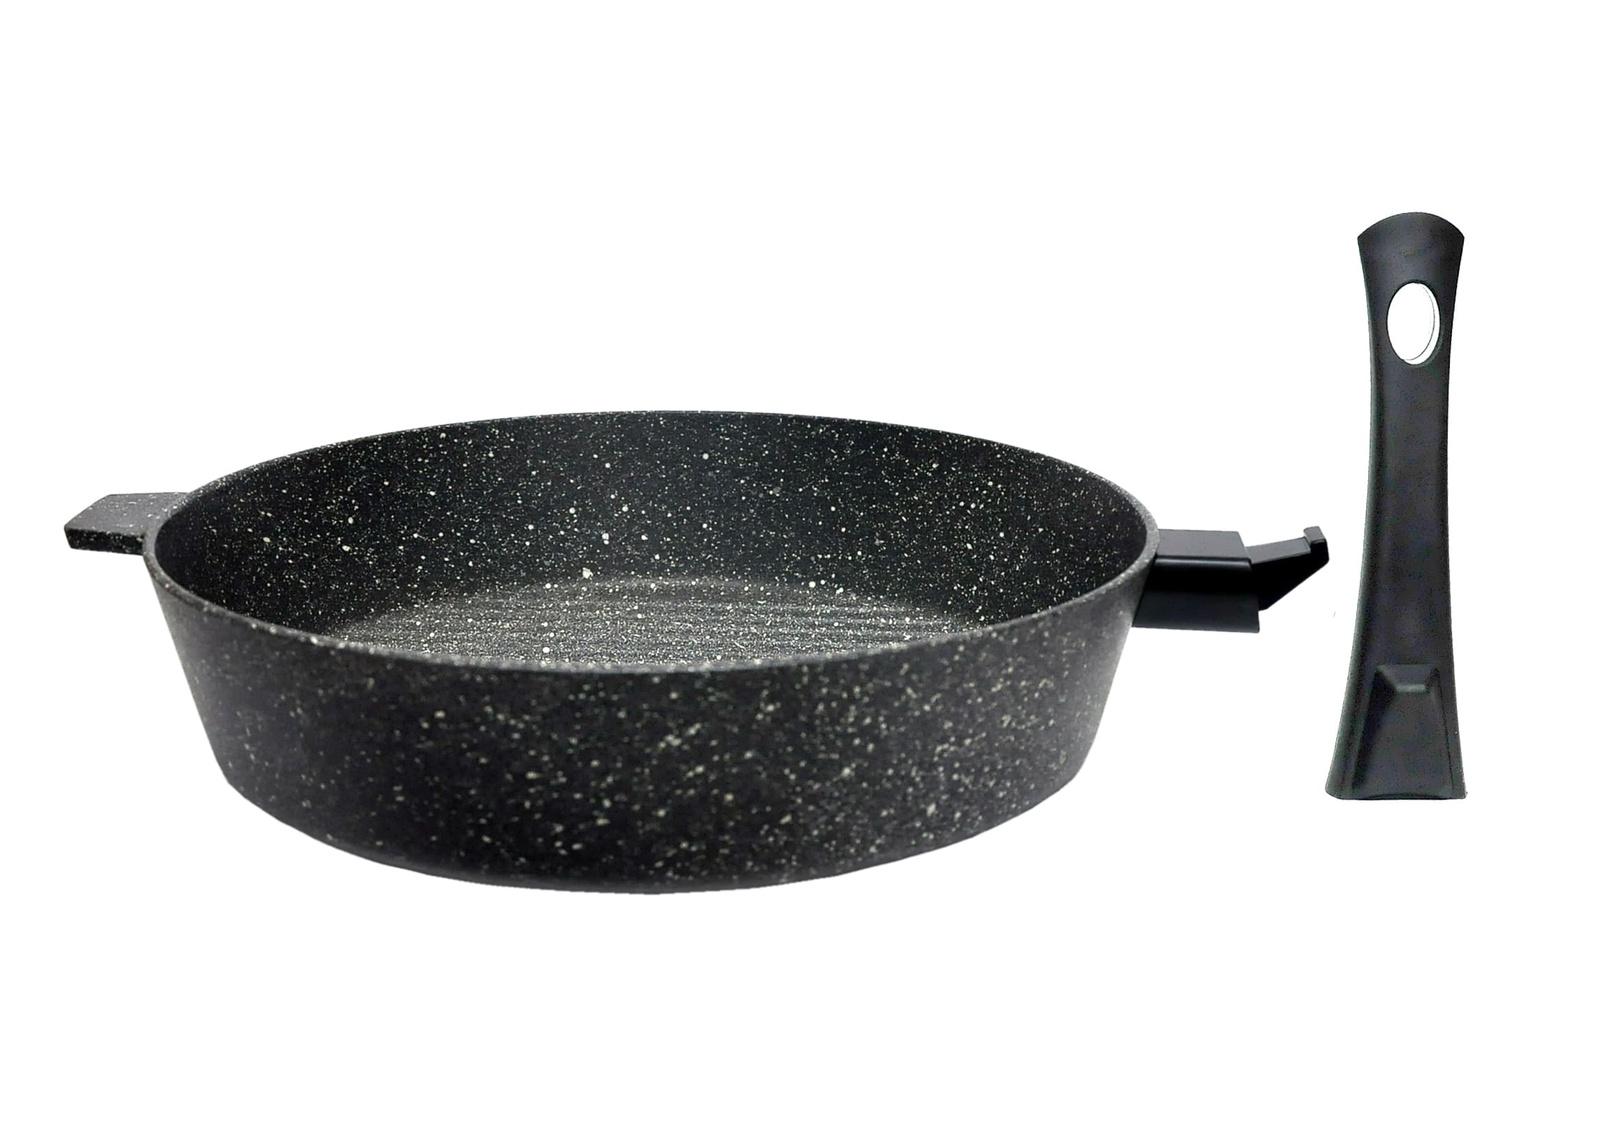 Сковорода алюминиевая Алита Гриль со съемной ручкой, 19702, черный мрамор, 28 х 6,5 х 0,6 см сковорода алюминиевая алита гриль со съемной ручкой 19702 черный мрамор 28 х 6 5 х 0 6 см